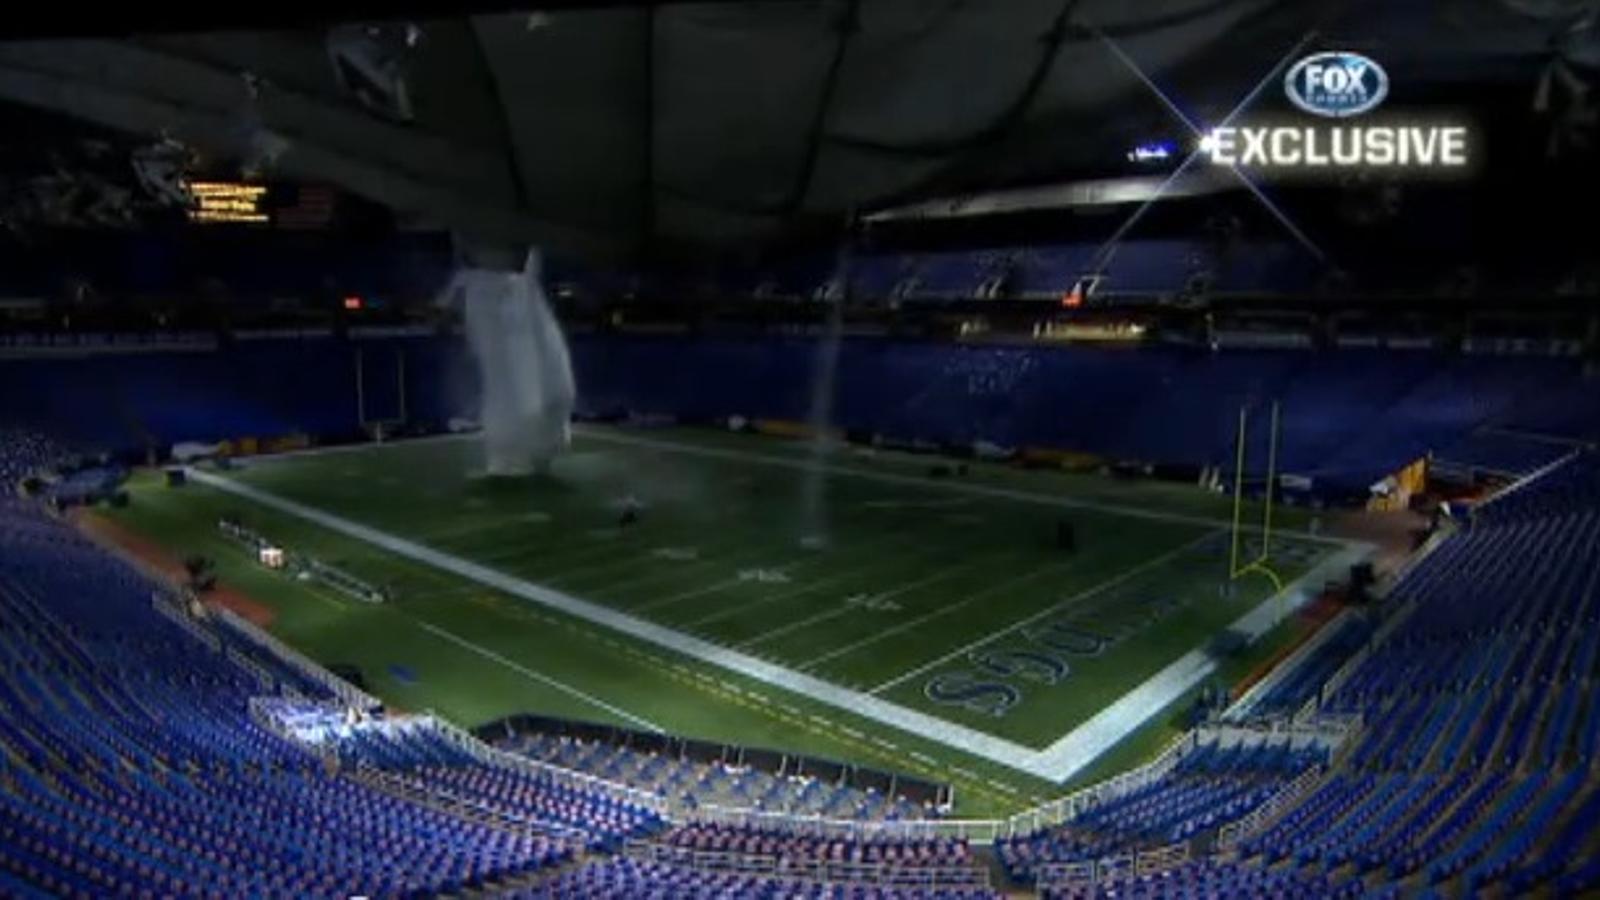 La neu ensorra el sostre de l'estadi Metrodome, a Minneapolis